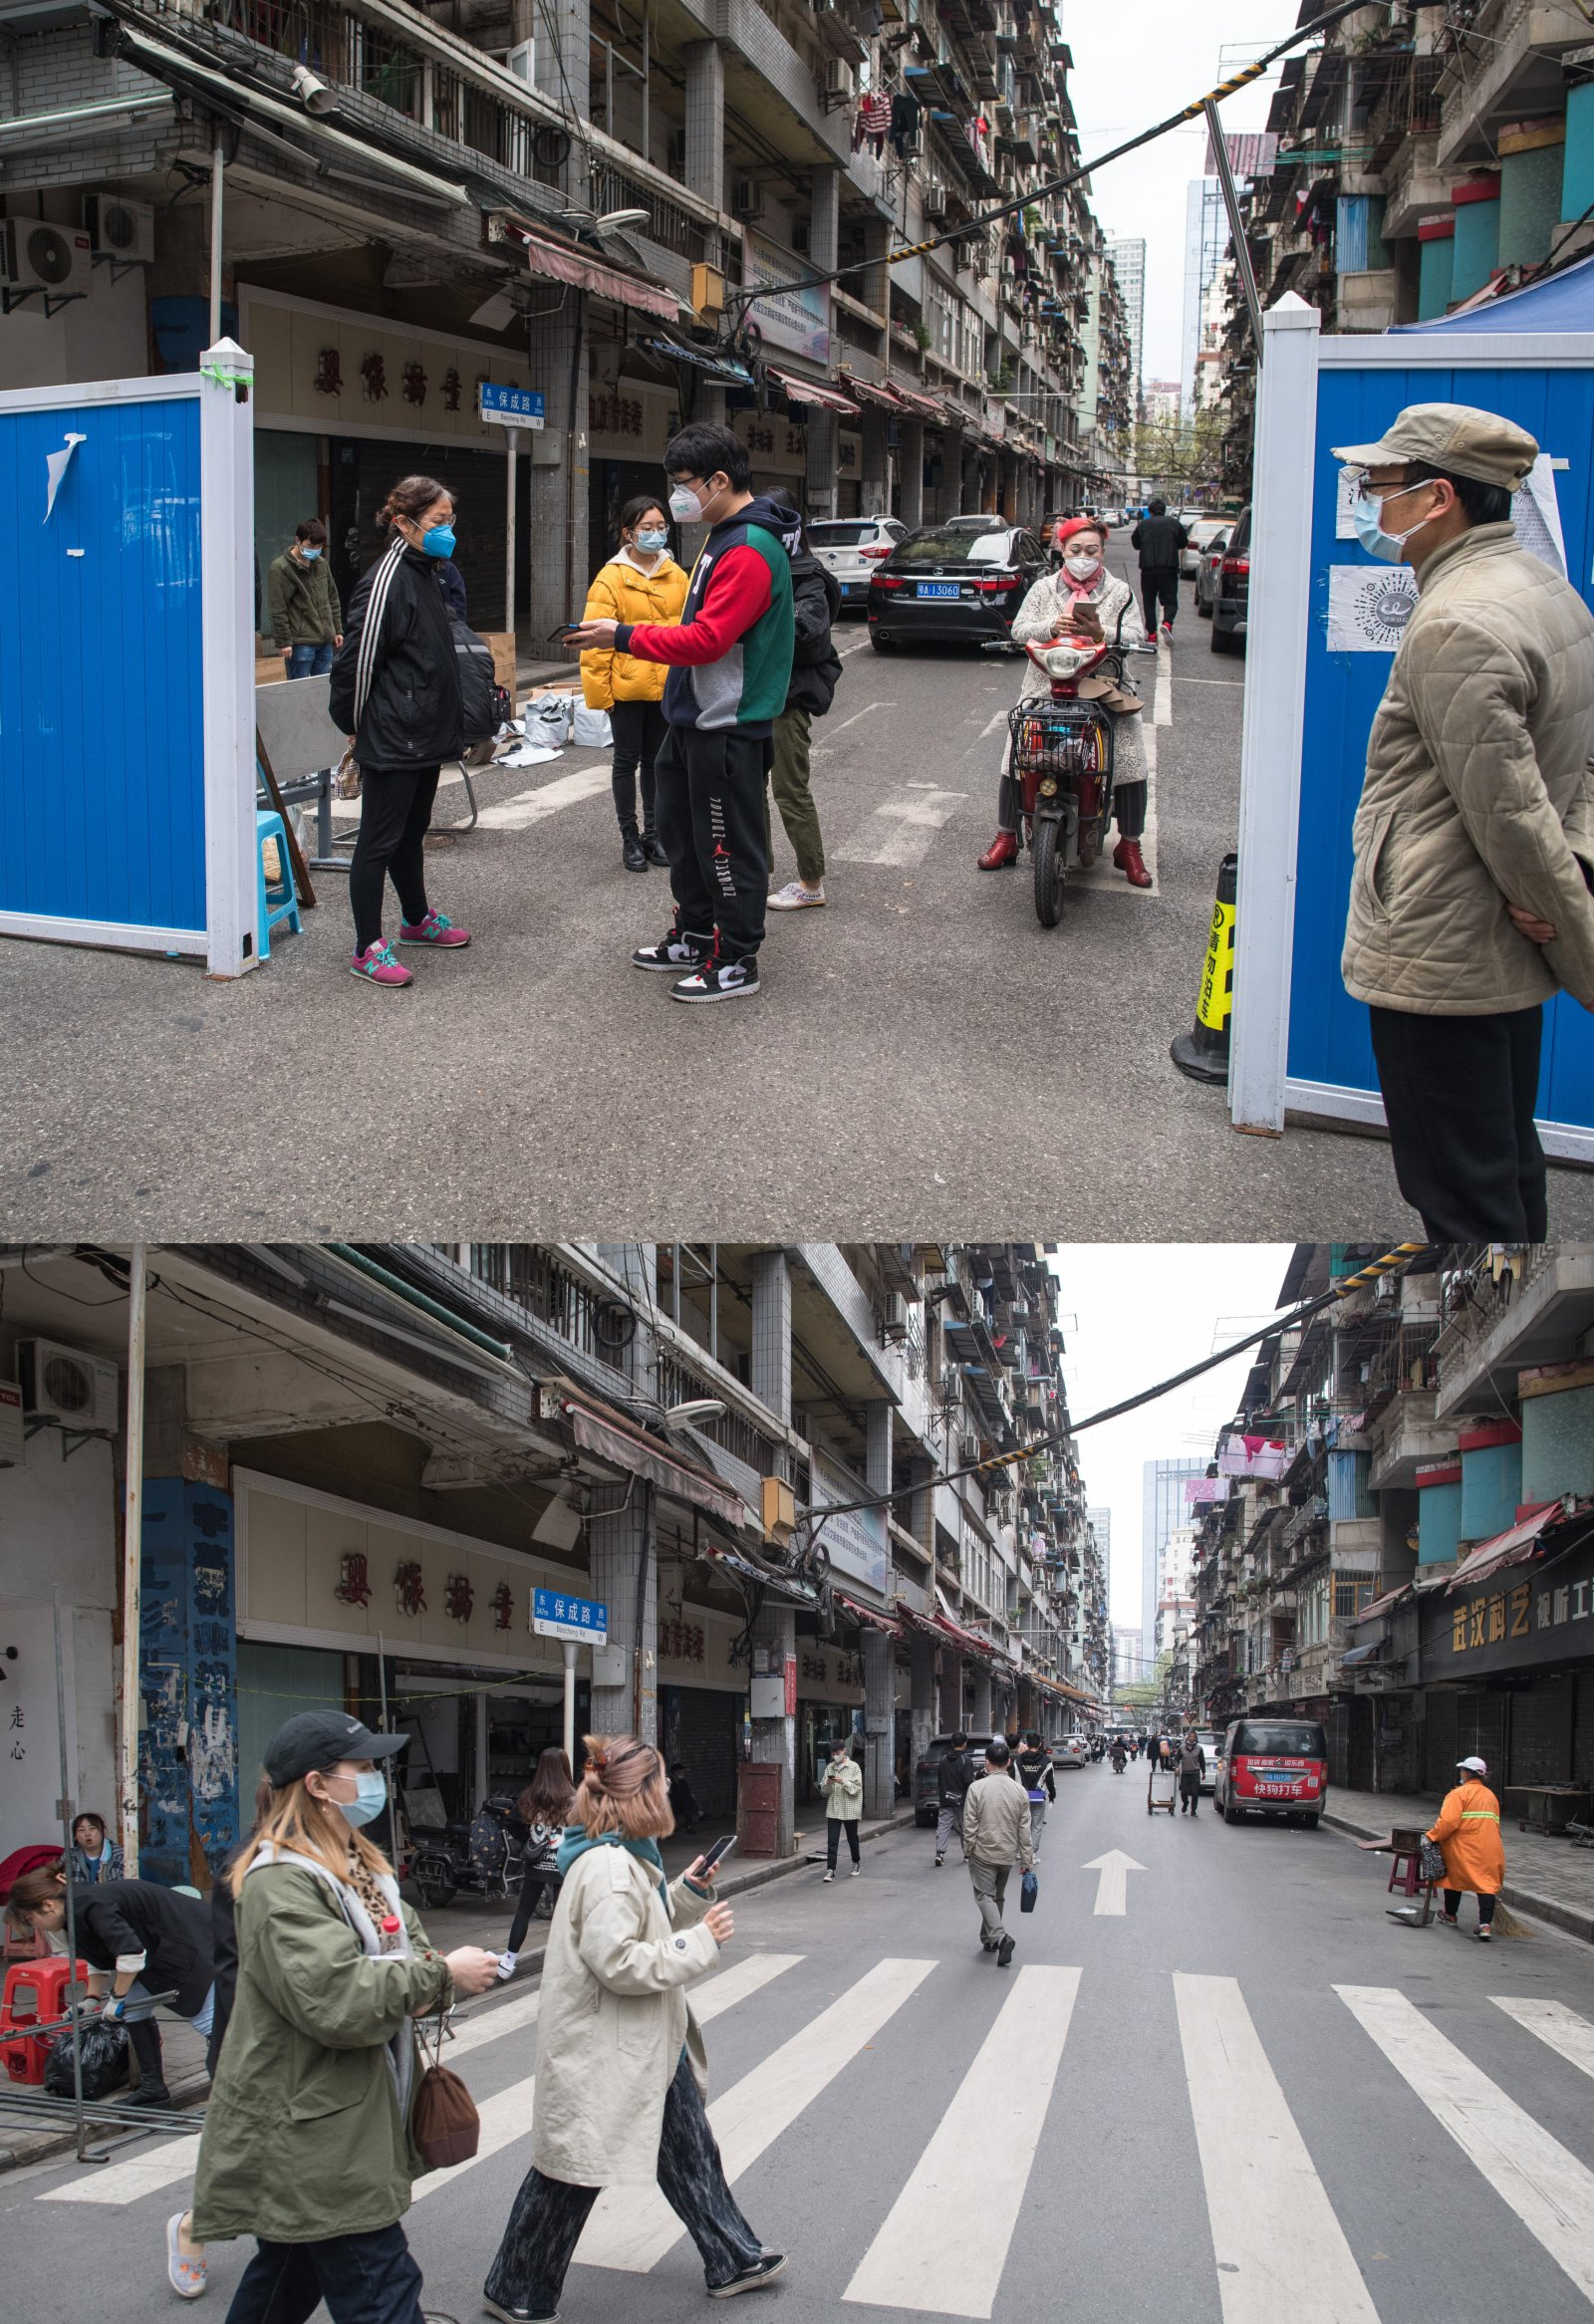 這是一張拼版照片,上圖為:2020年4月1日,在武漢市保成路街道一處卡口,市民掃健康碼通行;下圖為:2021年4月4日拍攝的武漢市保成路街道。(新華社)